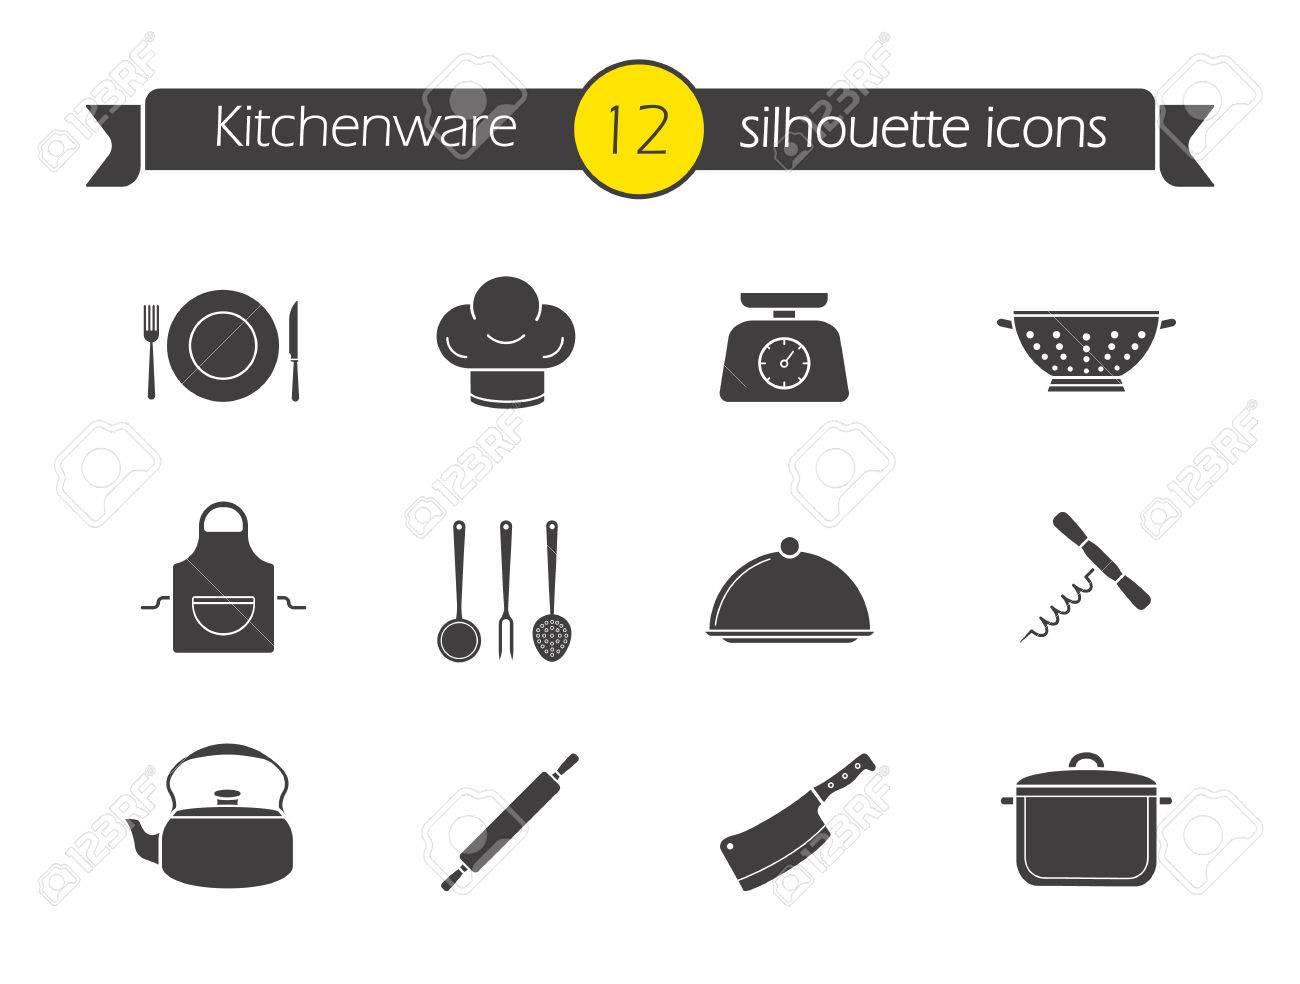 archivio fotografico icone cucina strumenti silhouette set oggetti da cucina per la casa stoviglie simboli neri ristorante utensile di cottura